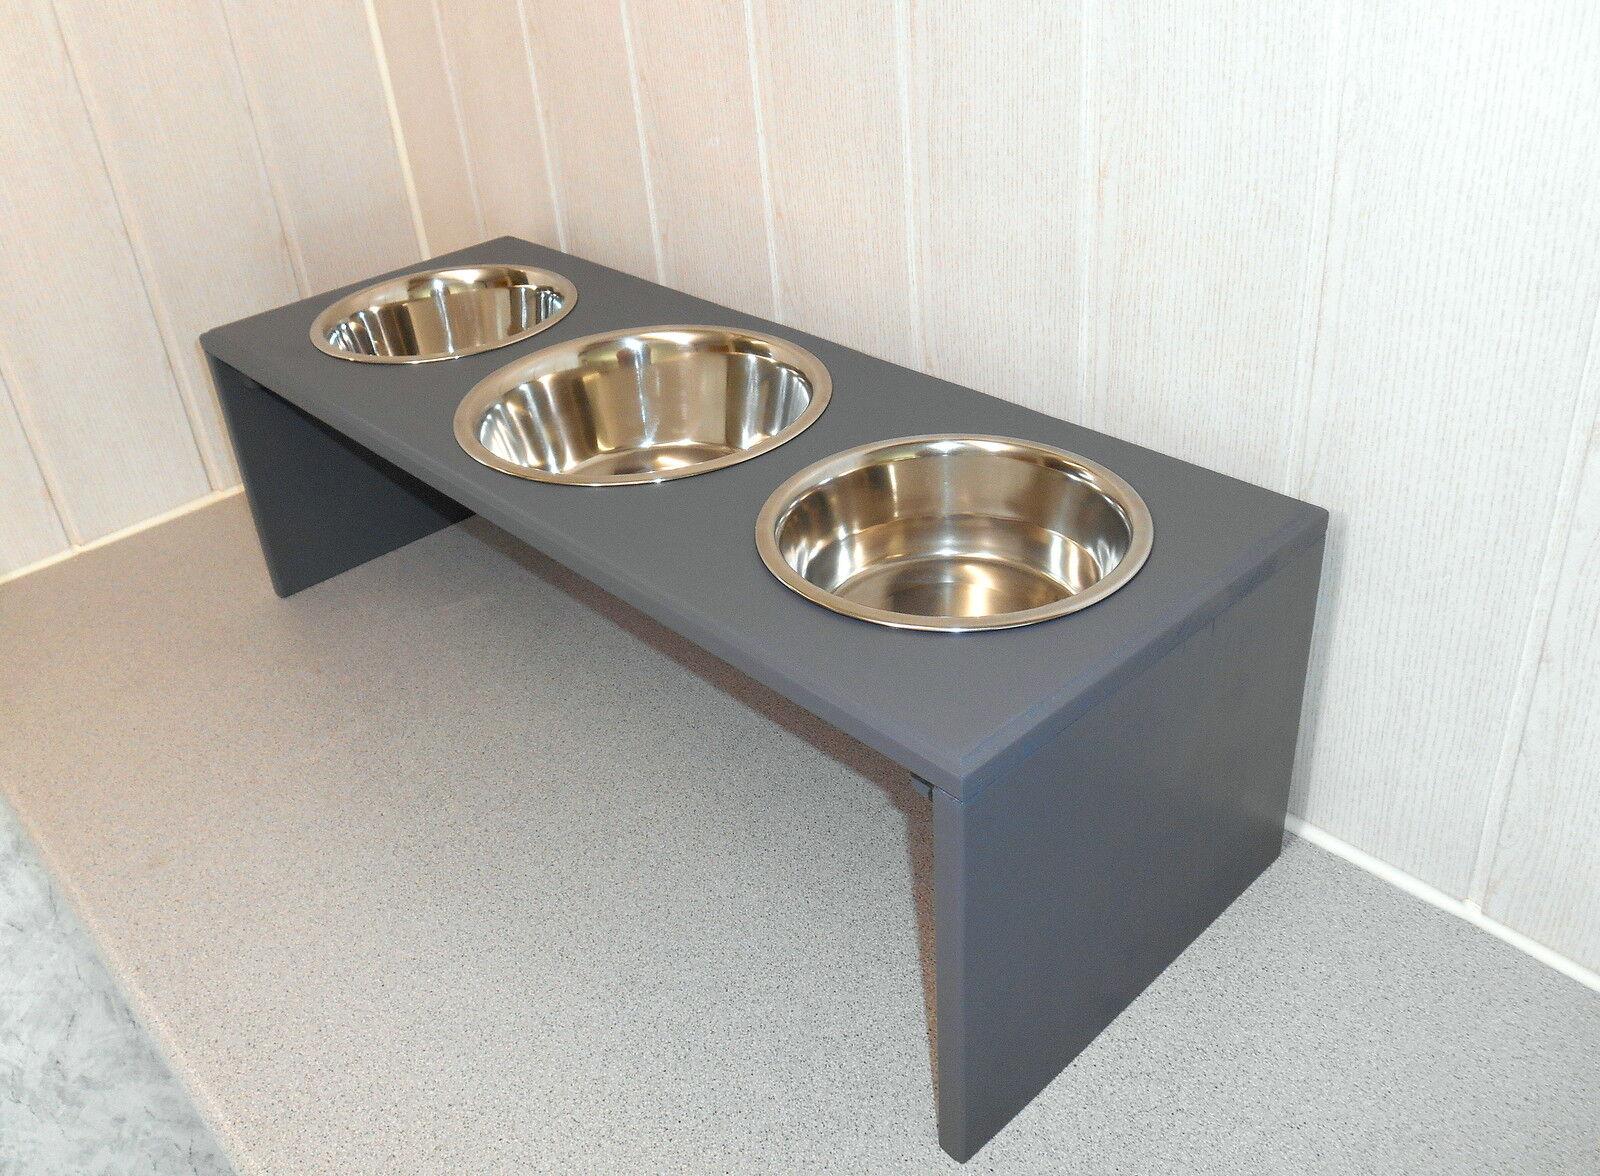 Hundenapf   Hundebar   Futternapf 3 3 3 Näpfe, grau, Jede Farbe möglich (1143g)    Hohe Qualität  defa2a